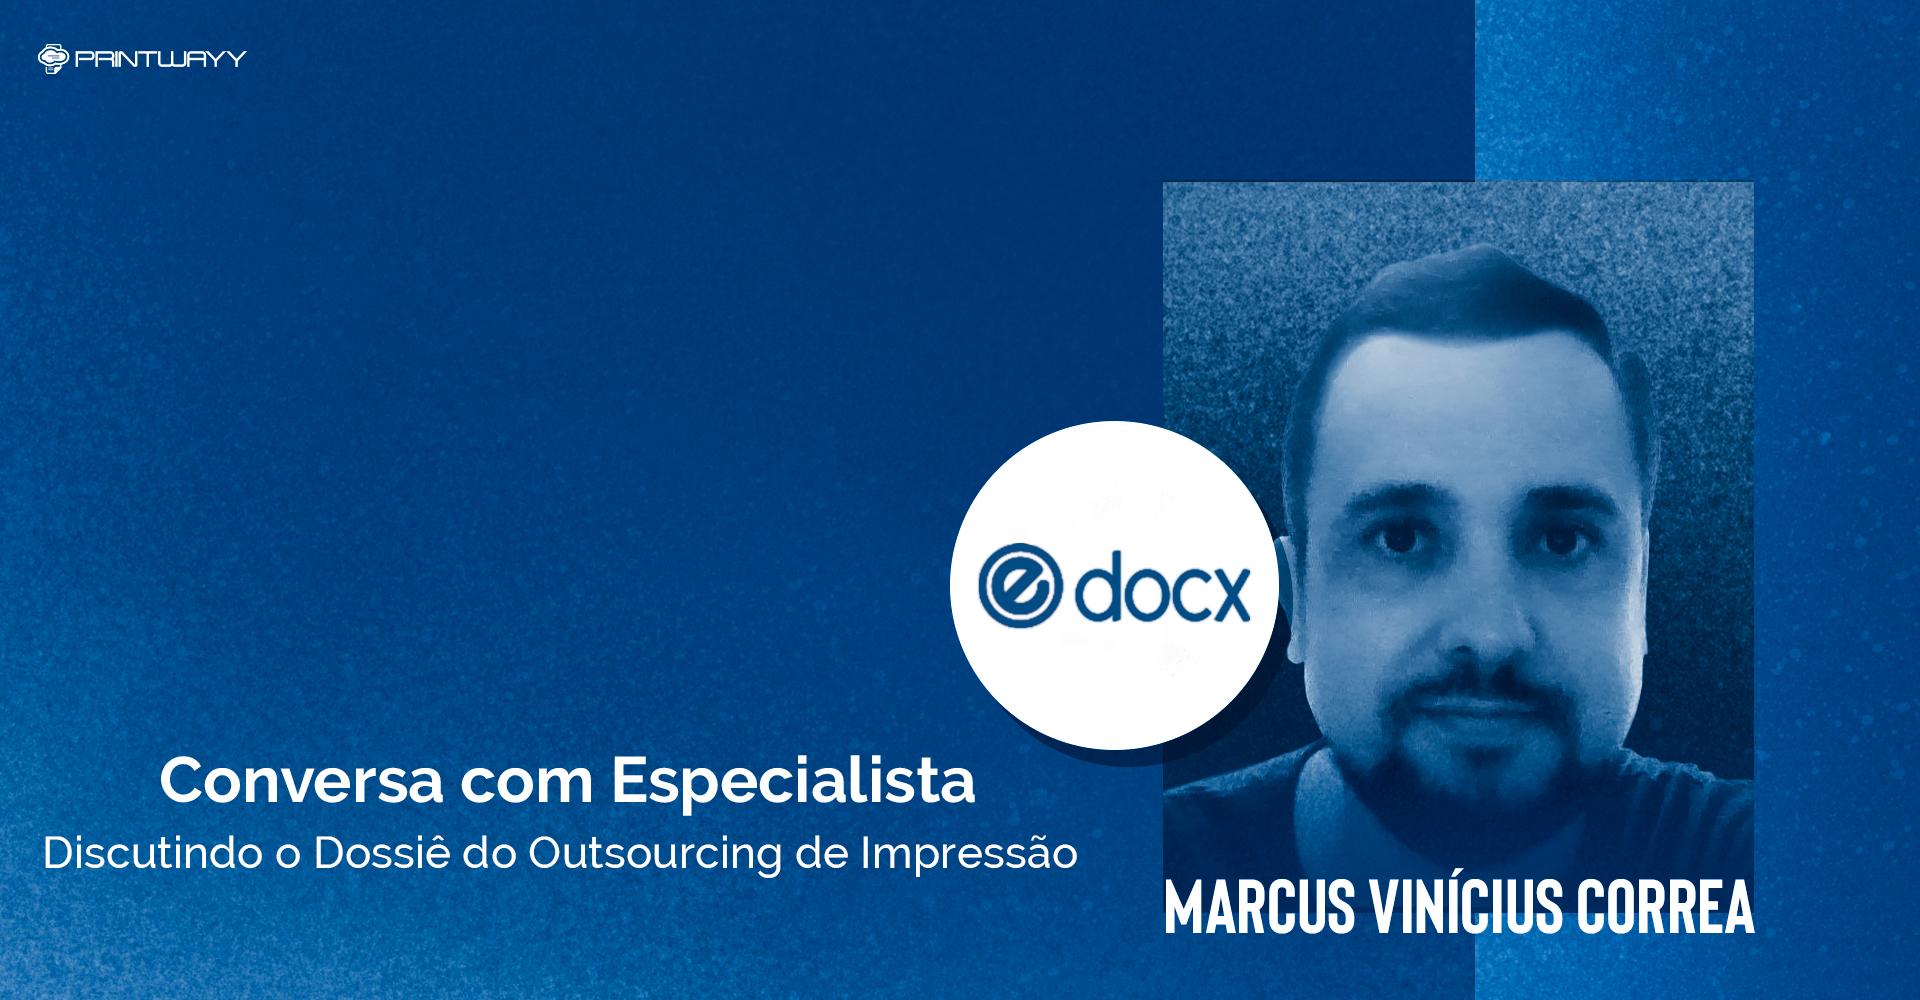 Fotografia de Marcus Correa e logotipo da empresa Edocx. A imagem ilustra a conversa com especialista em outsourcing de impressão.